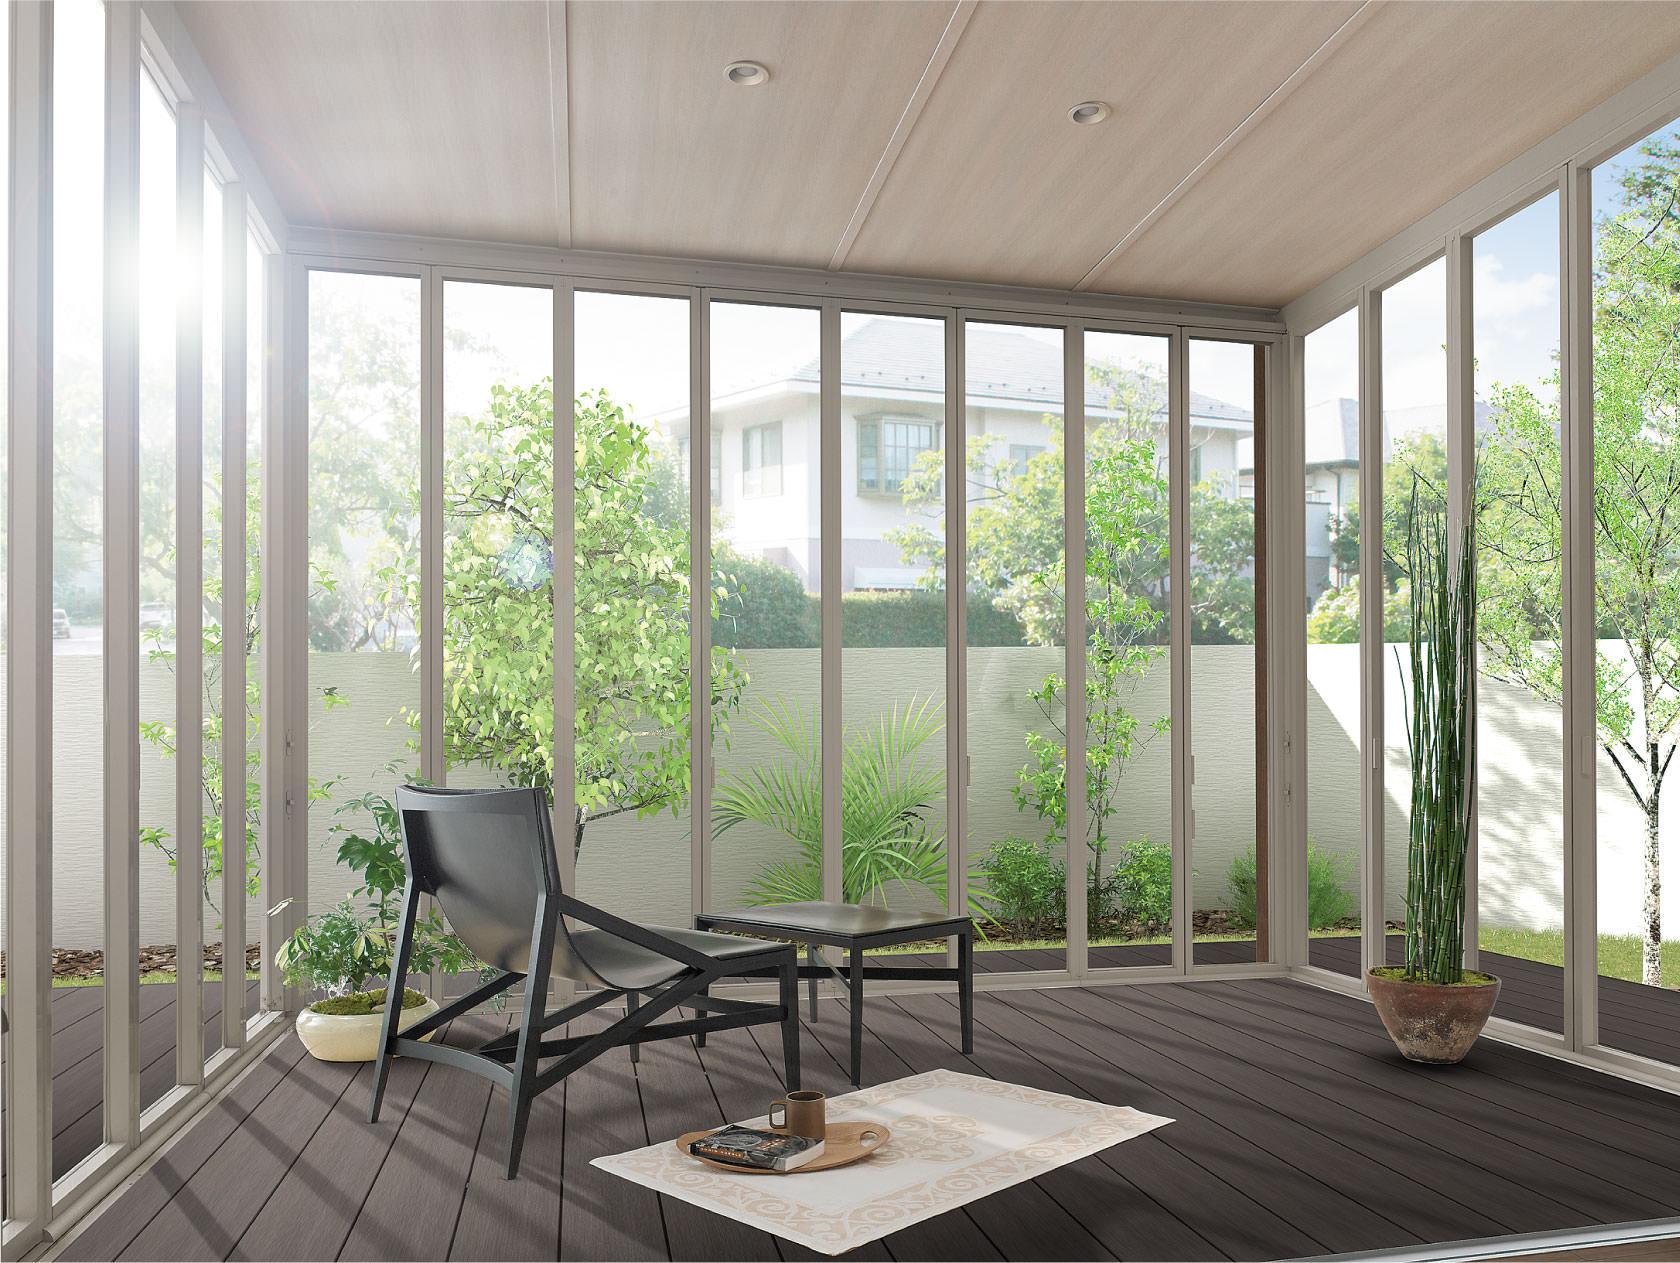 「ZIMA ガーデンルーム LIXIL」の画像検索結果